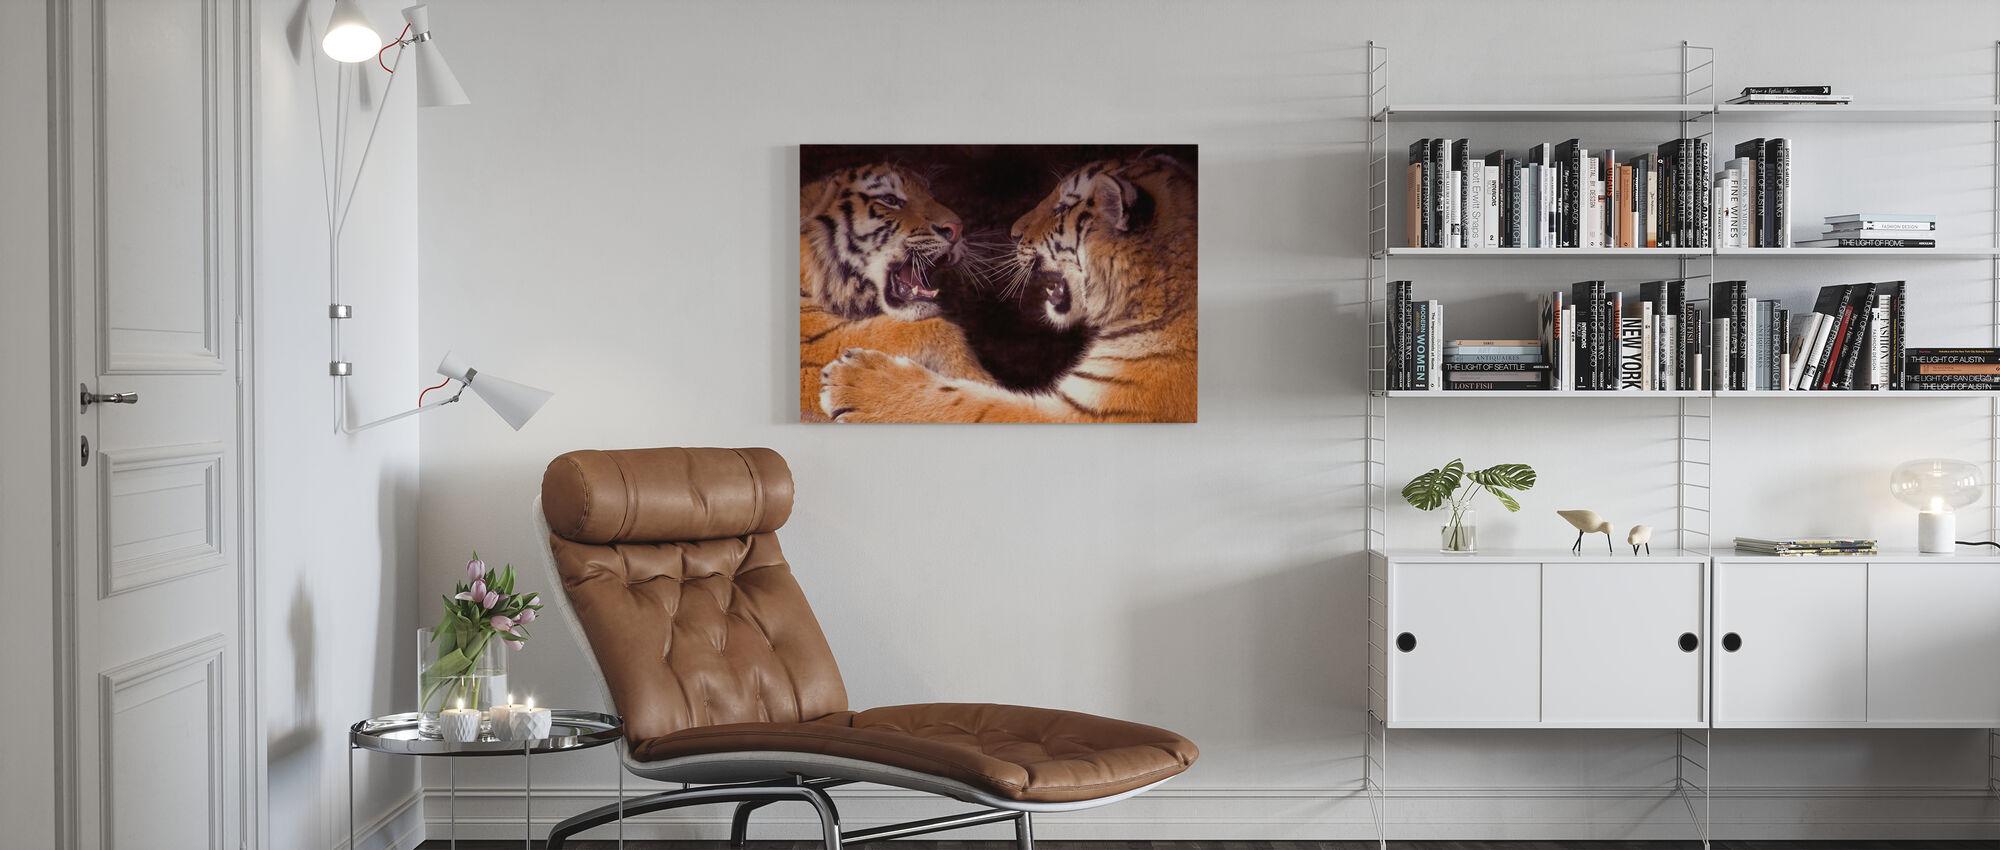 Spelen vechten Cubs - Canvas print - Woonkamer